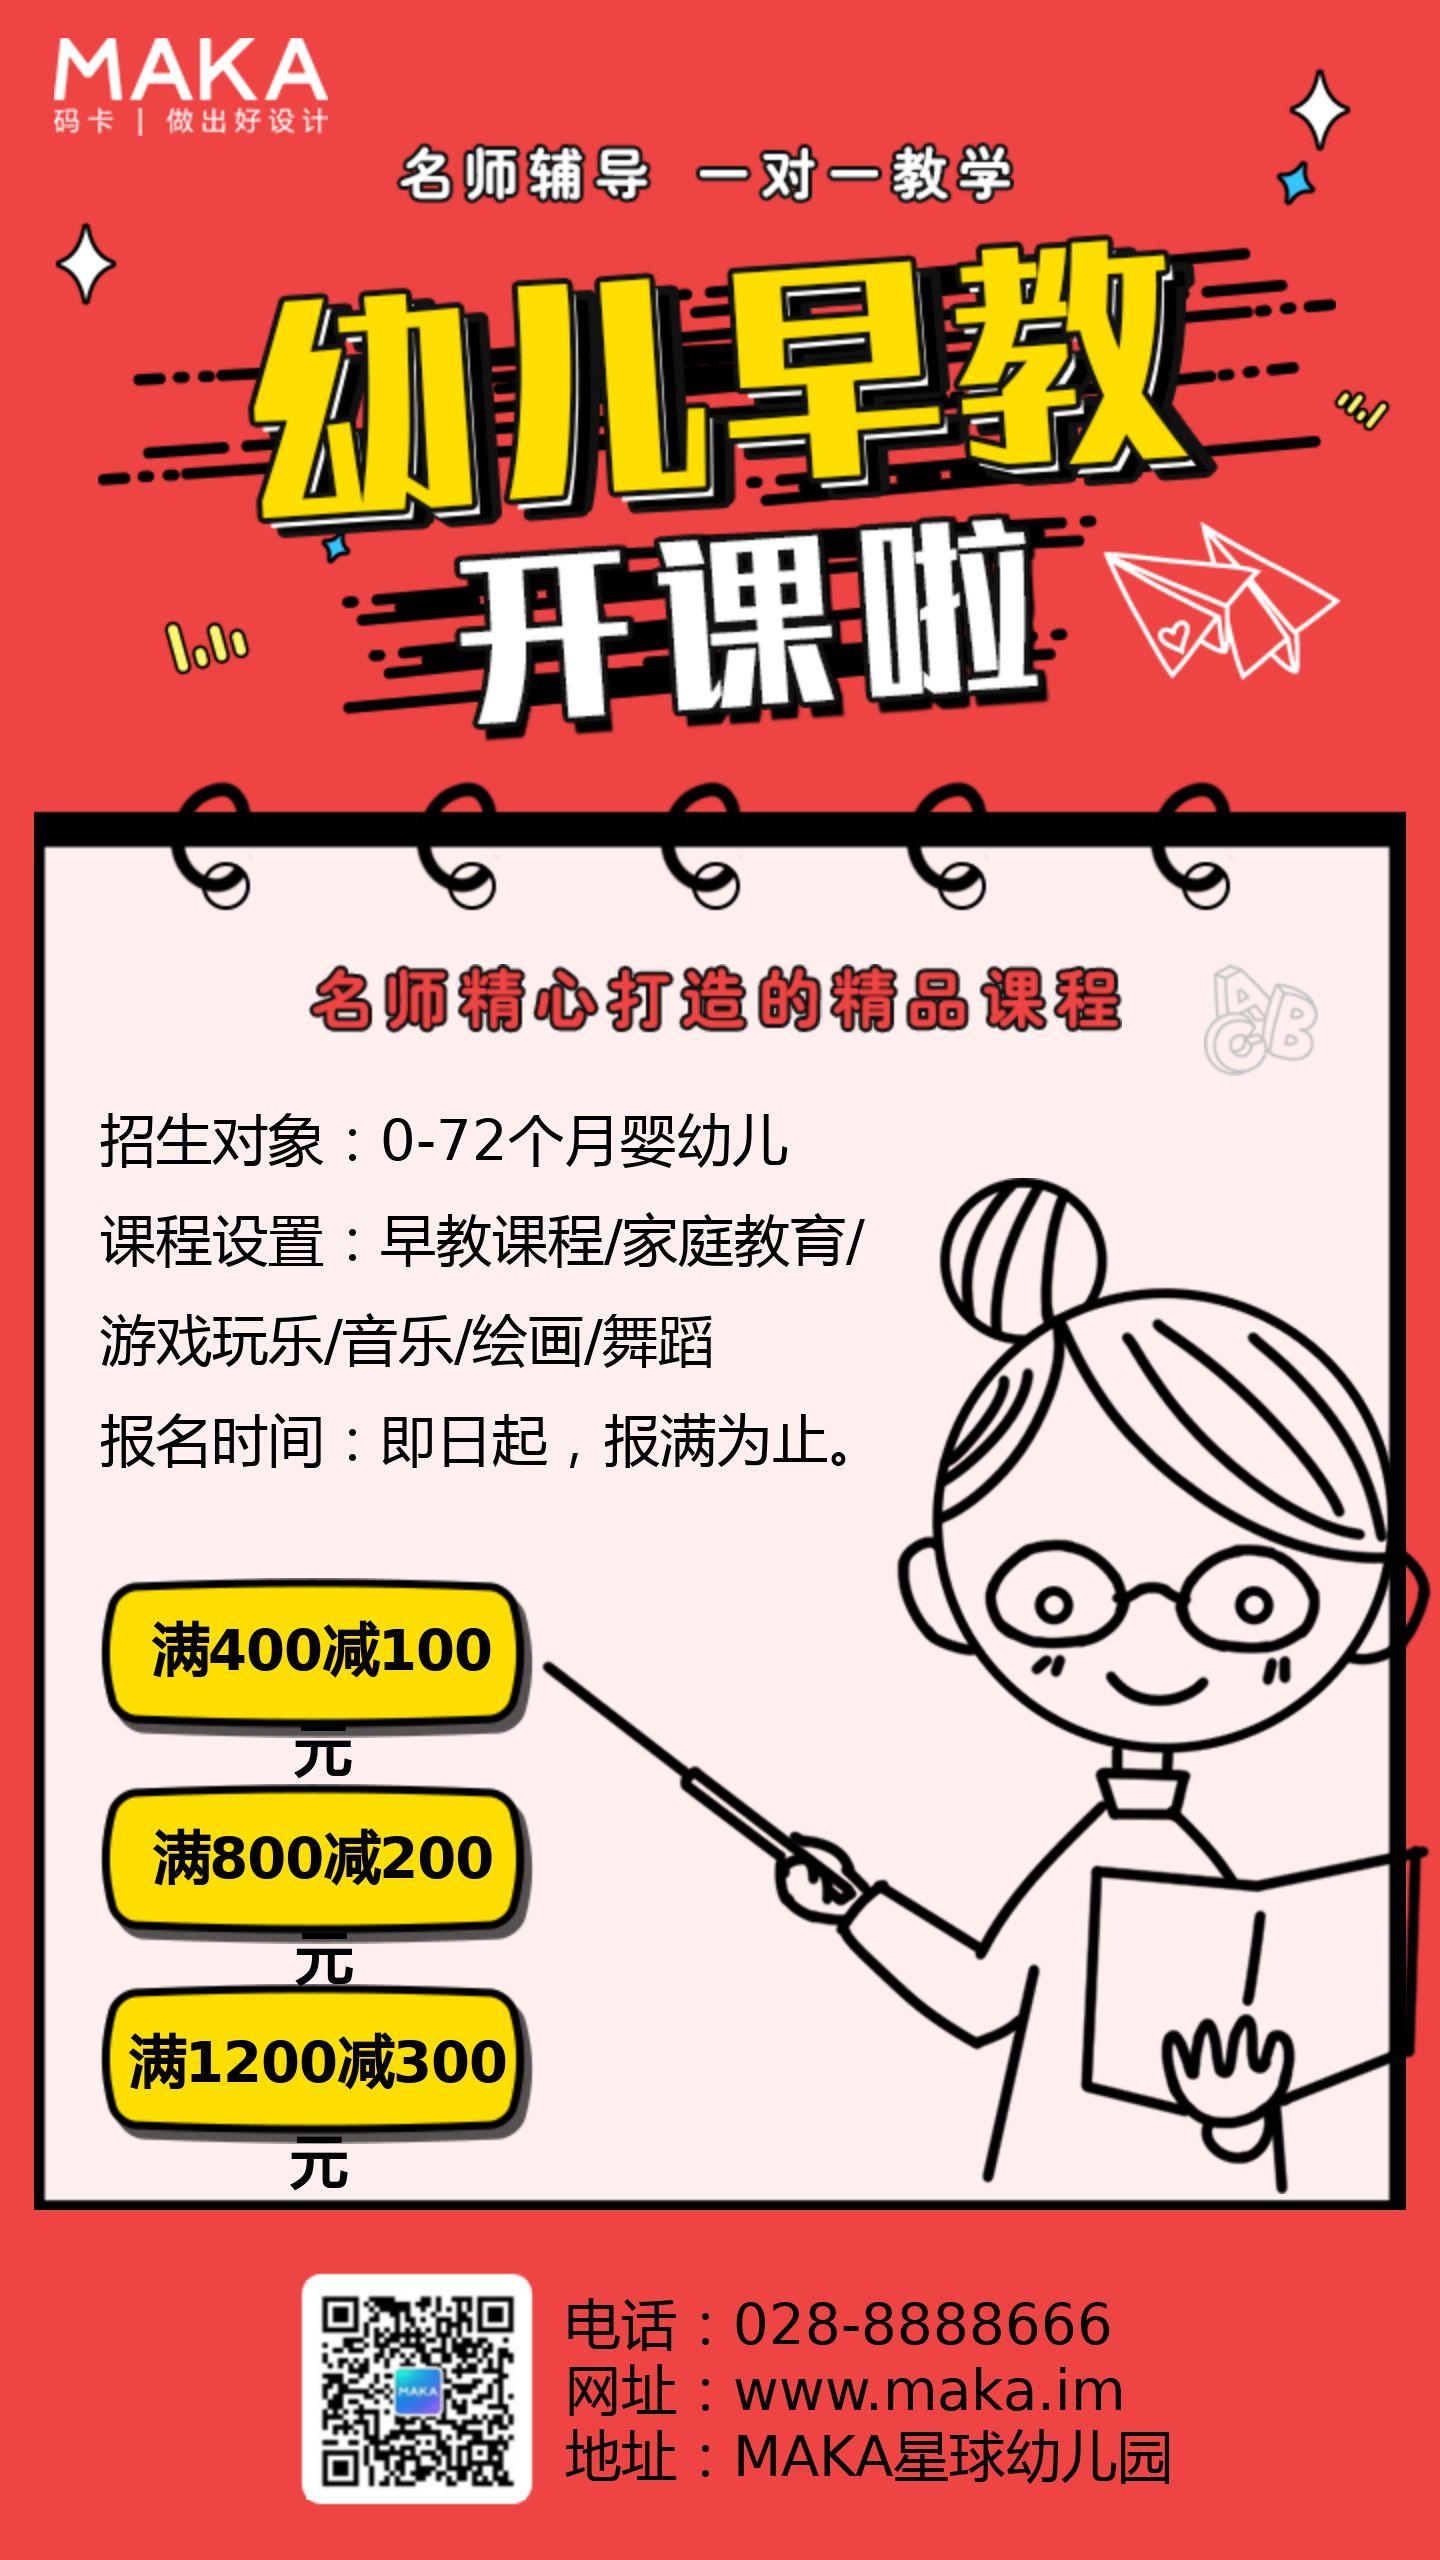 红色卡通手绘幼儿早教招生教育培训宣传海报